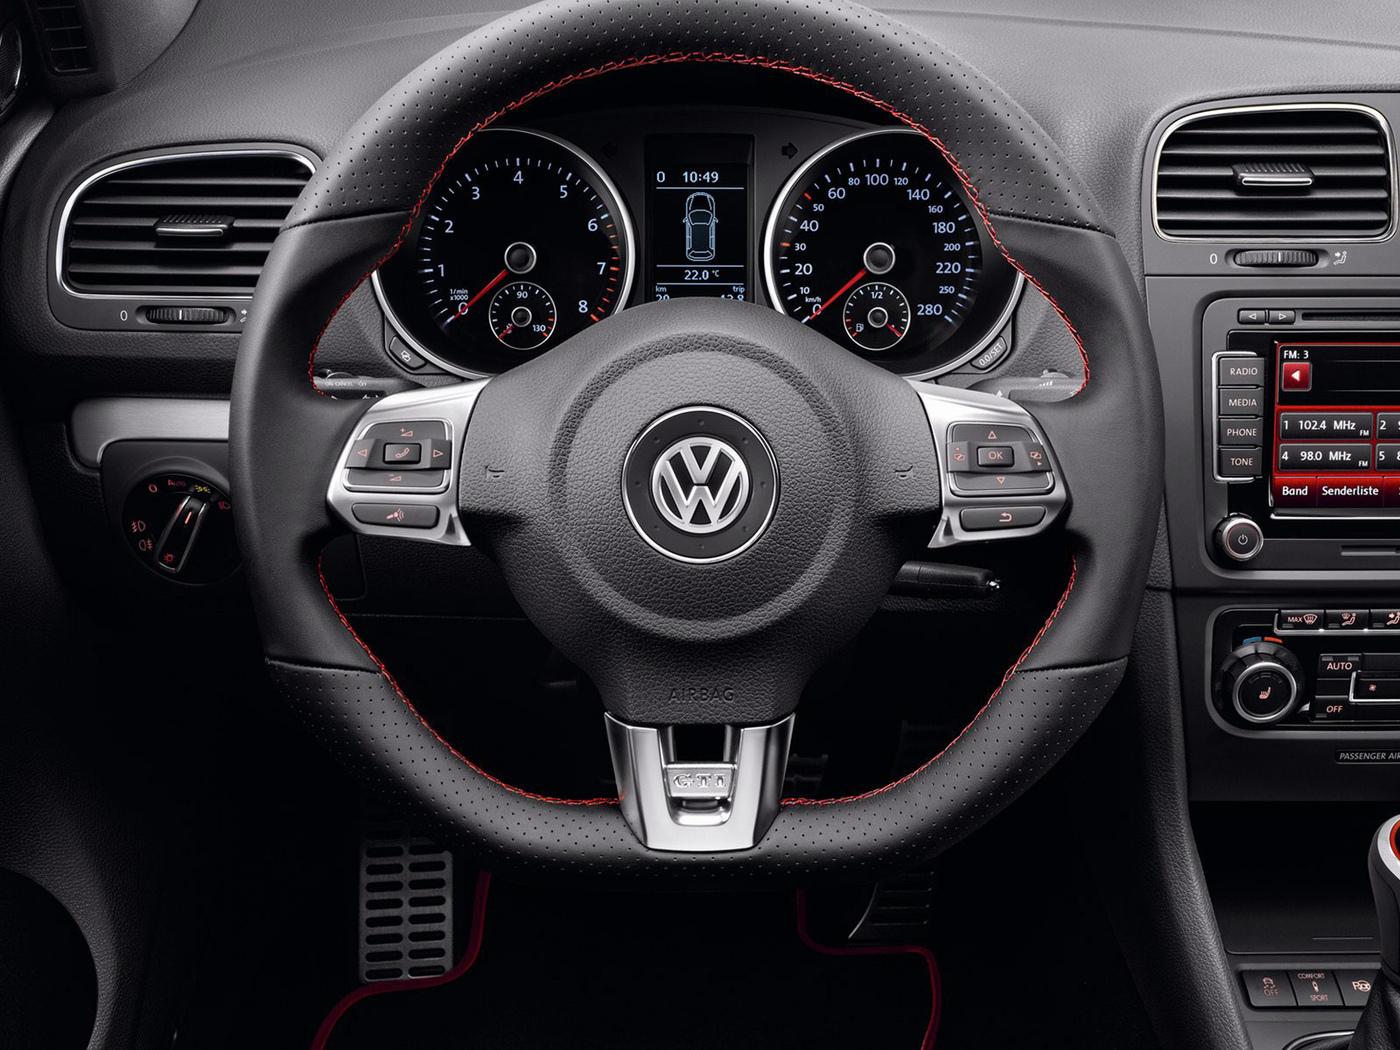 Освещение приборной панели включается и выключается произвольно на VW Golf VI